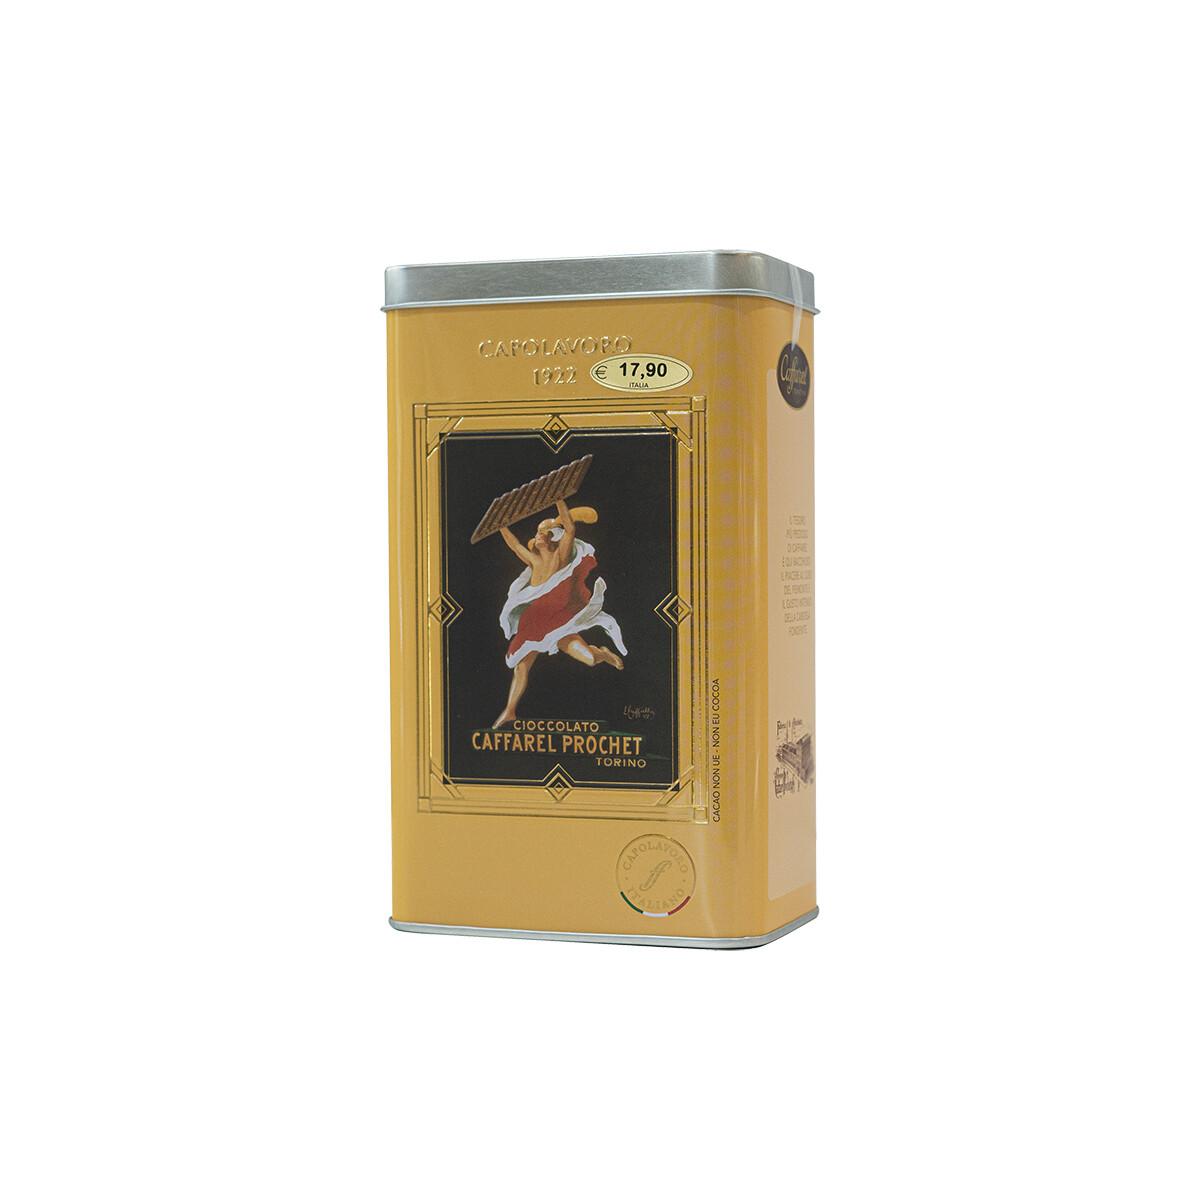 Cioccolatini assortiti Capolavoro 1922 di Caffarel